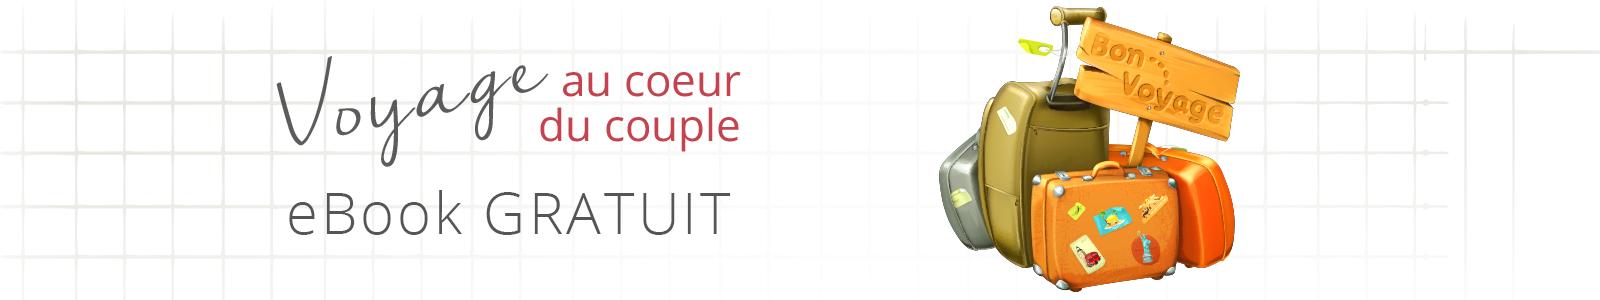 voyage au coeur du couple ebook gratuit en duel ou en duo valerie sentenne intello stephane lecault artiste